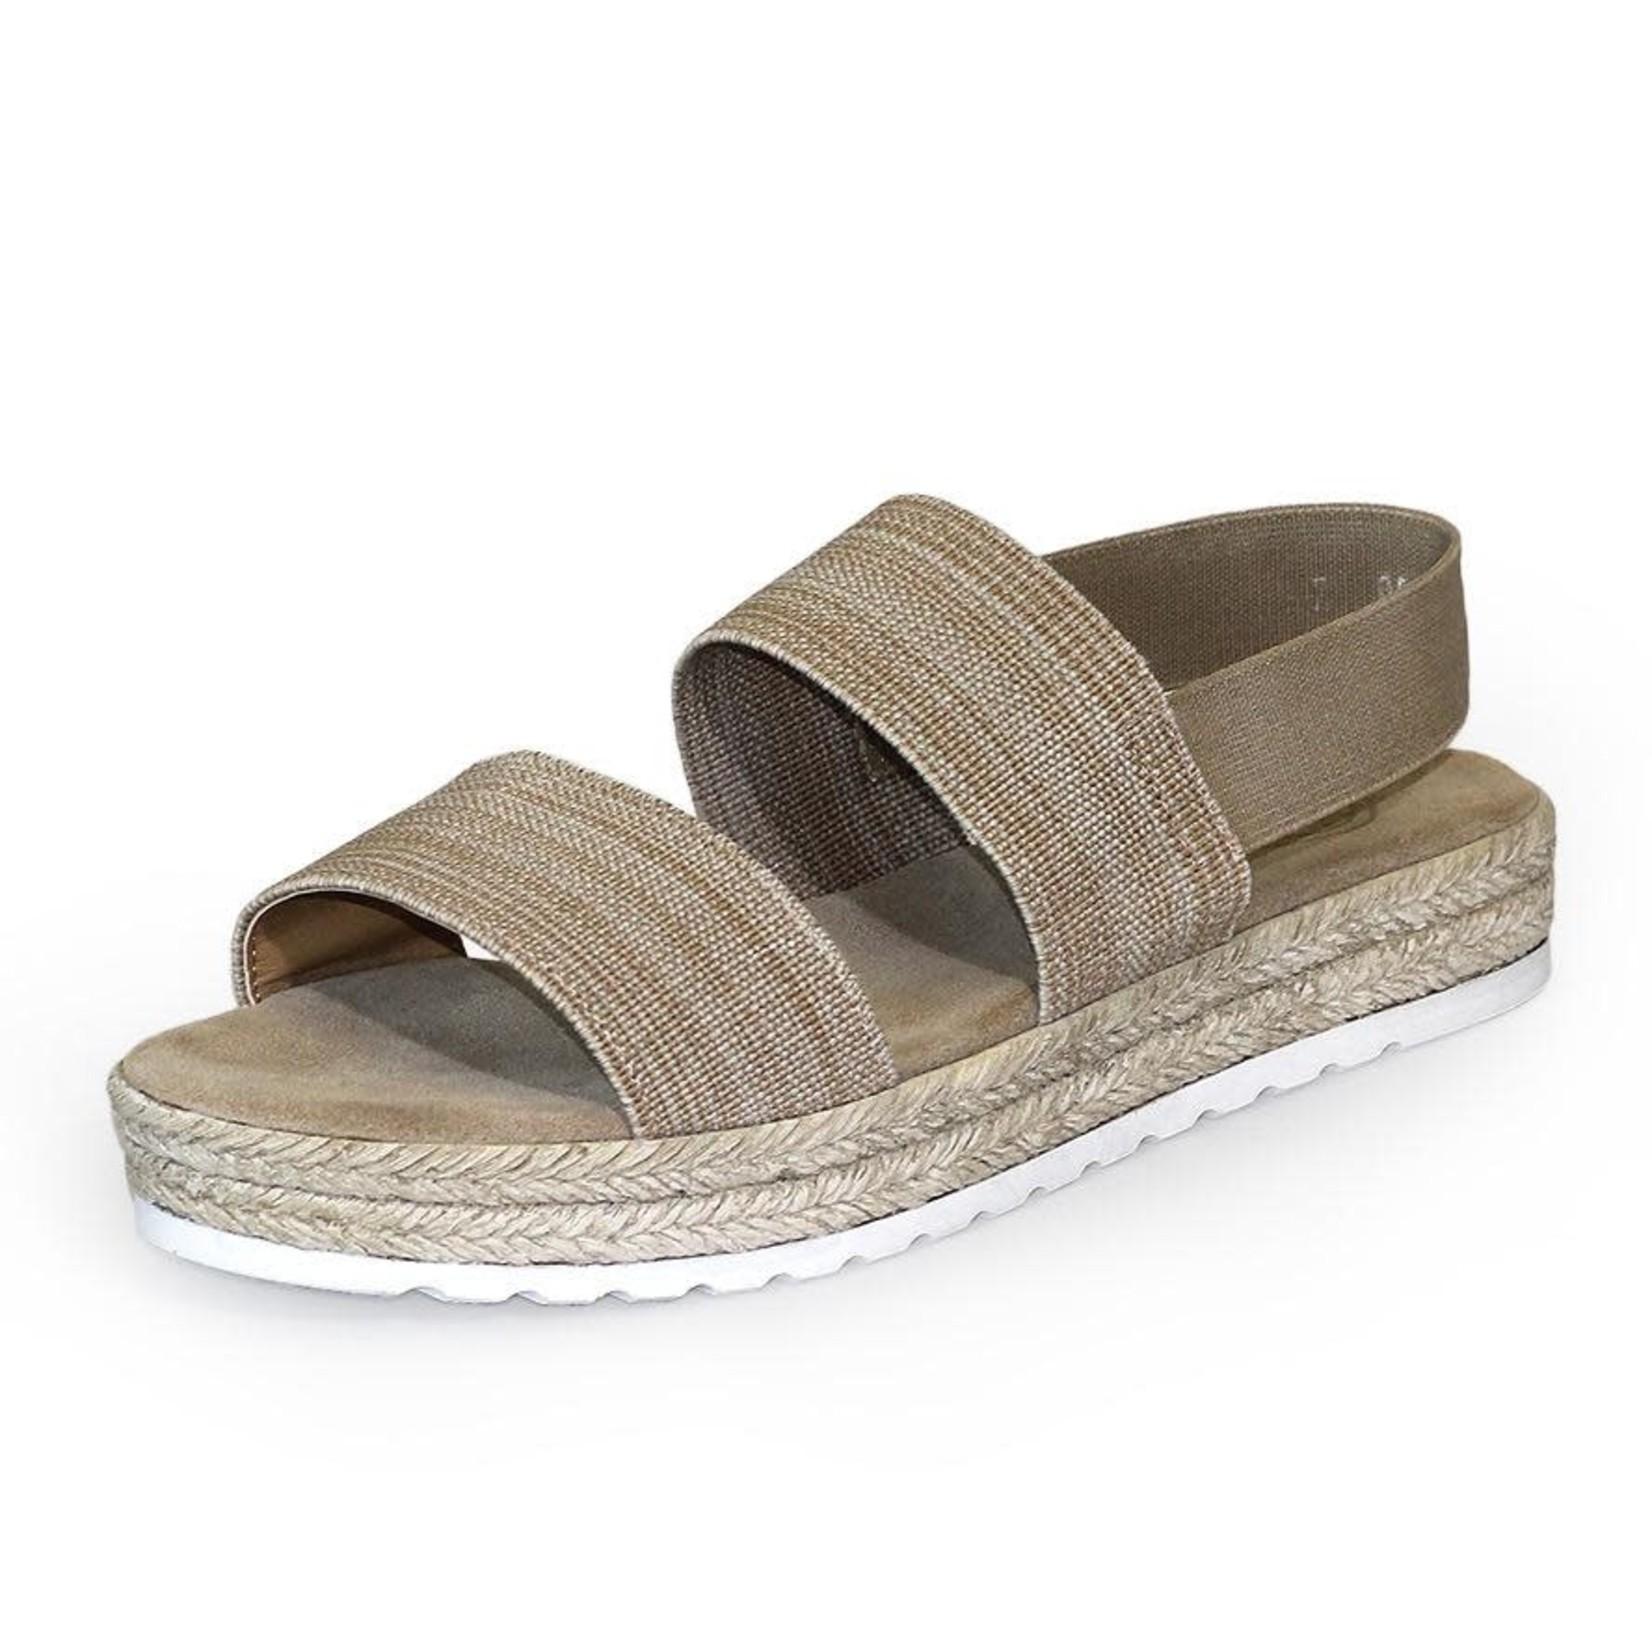 Ojai Sandal in Linen Size 7